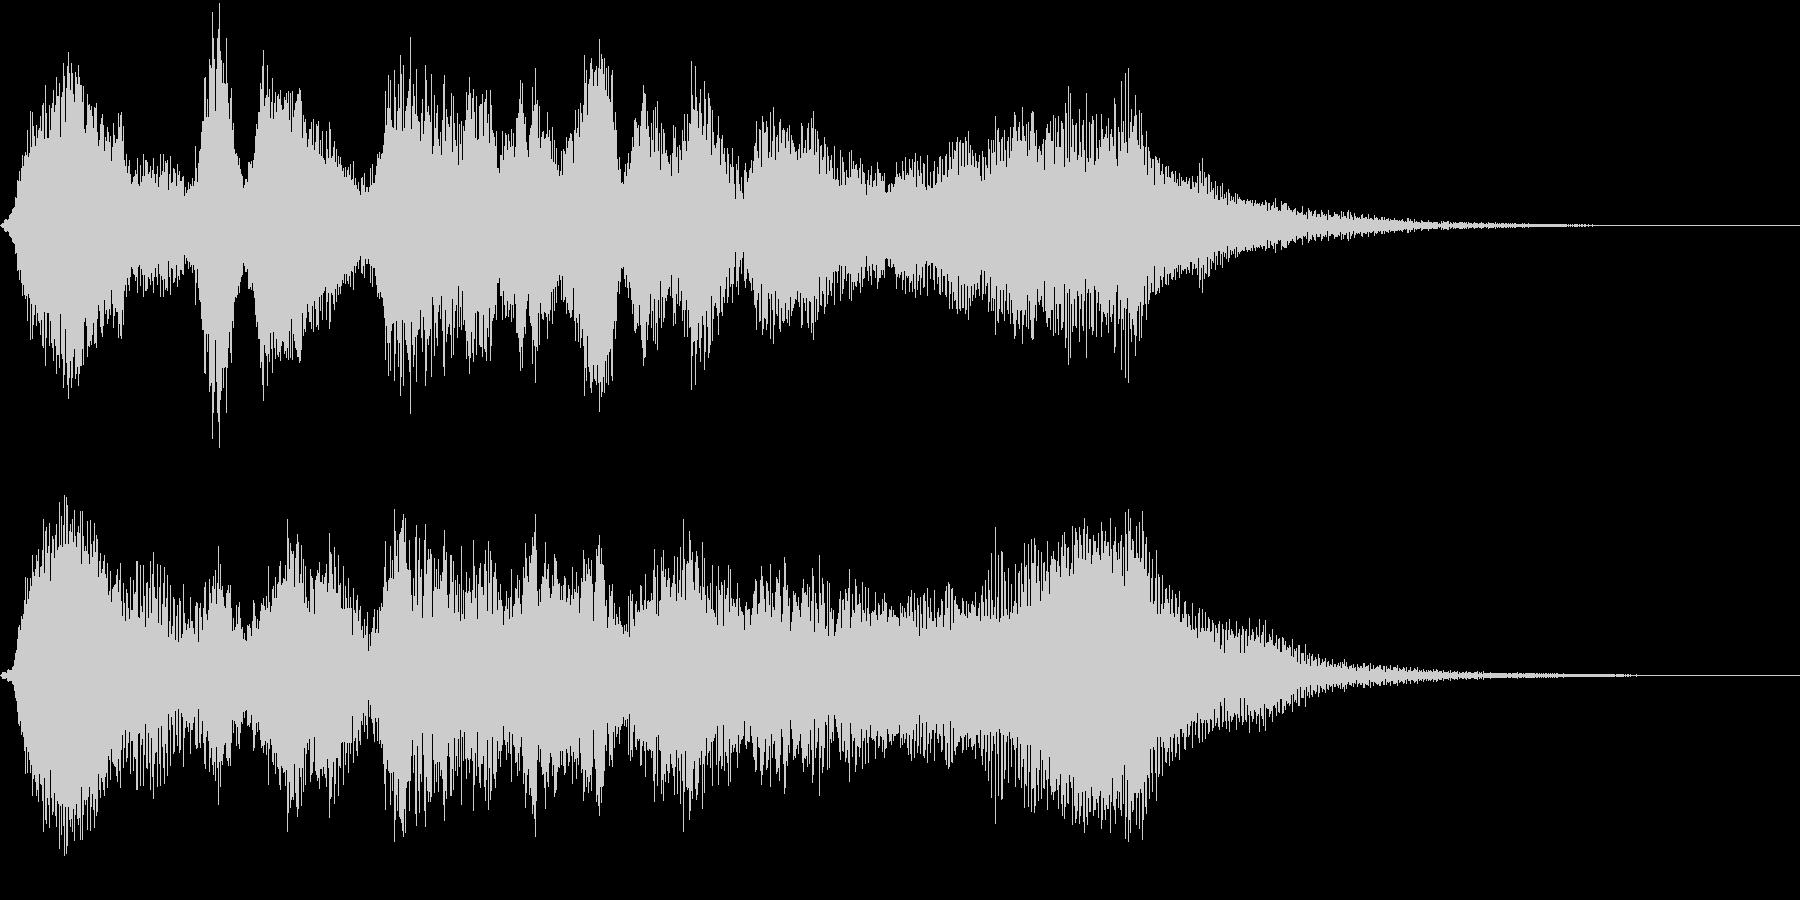 リアル弦楽四重奏のバロック調サウンドの未再生の波形